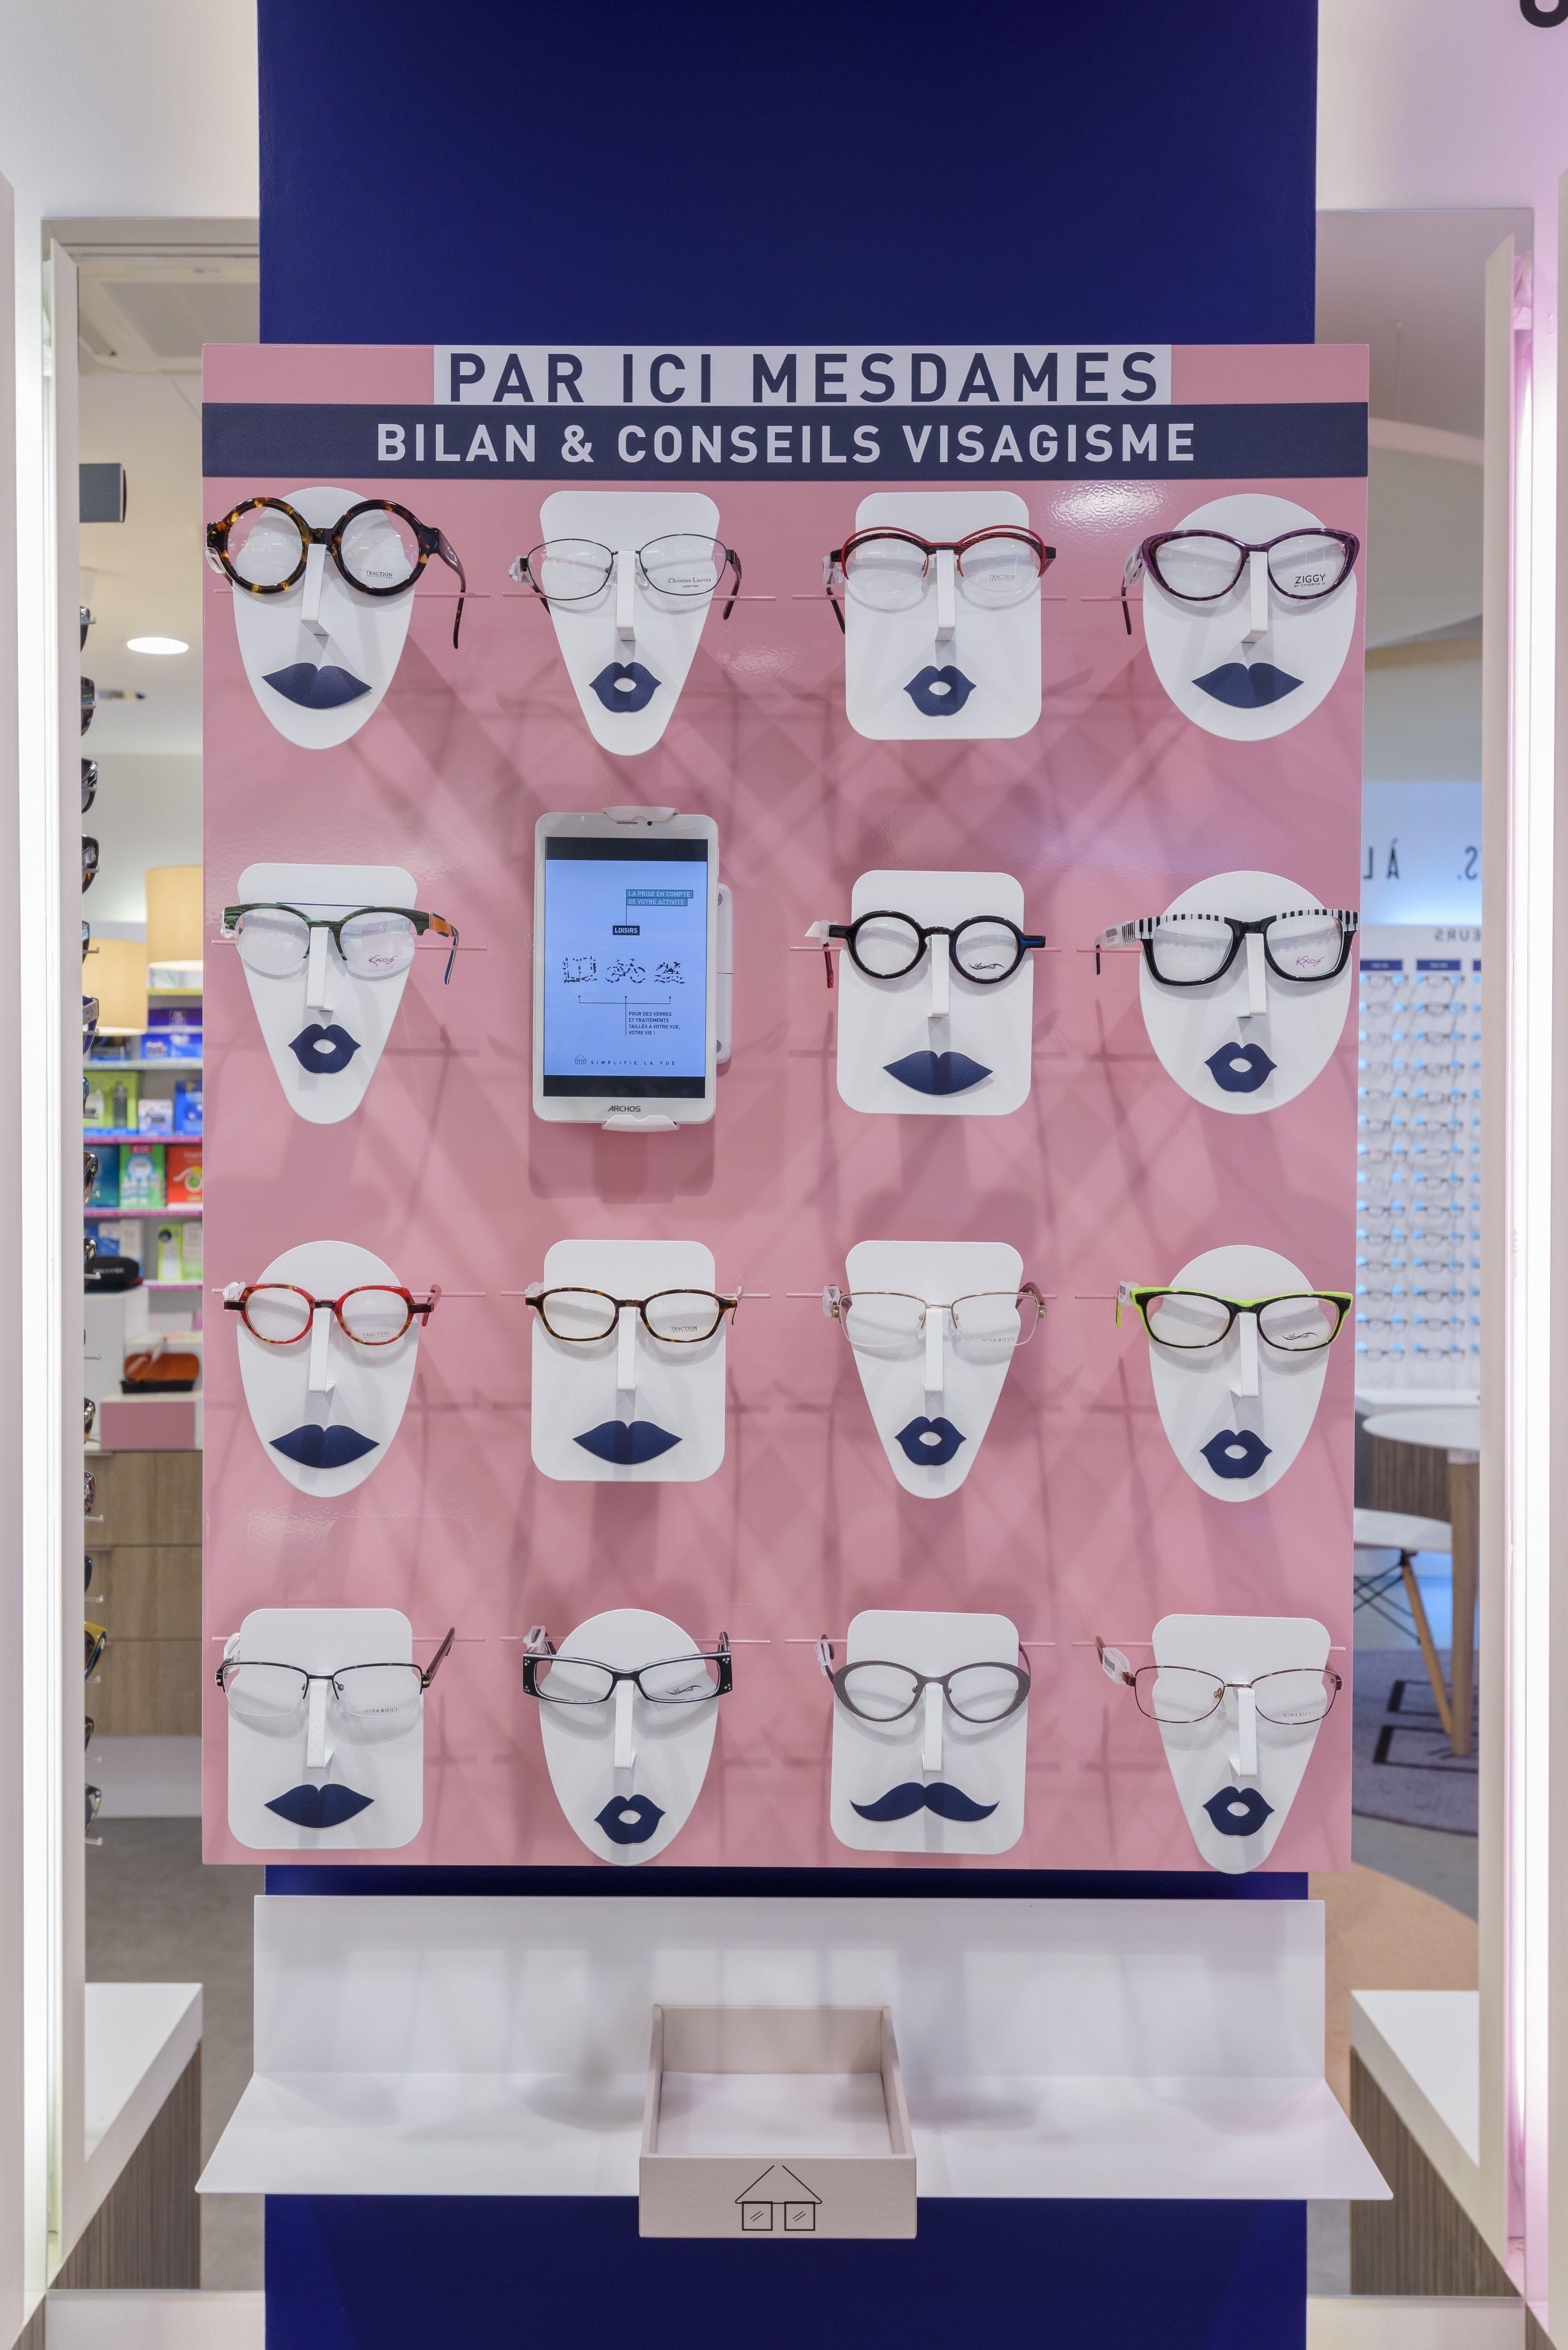 151ac51b841 Notre sélection de montures pour femmes. Lunettestore vous simplifie la vue  !  design  conceptstore  opticien  vitrine  lunettes  lunetier  visagisme